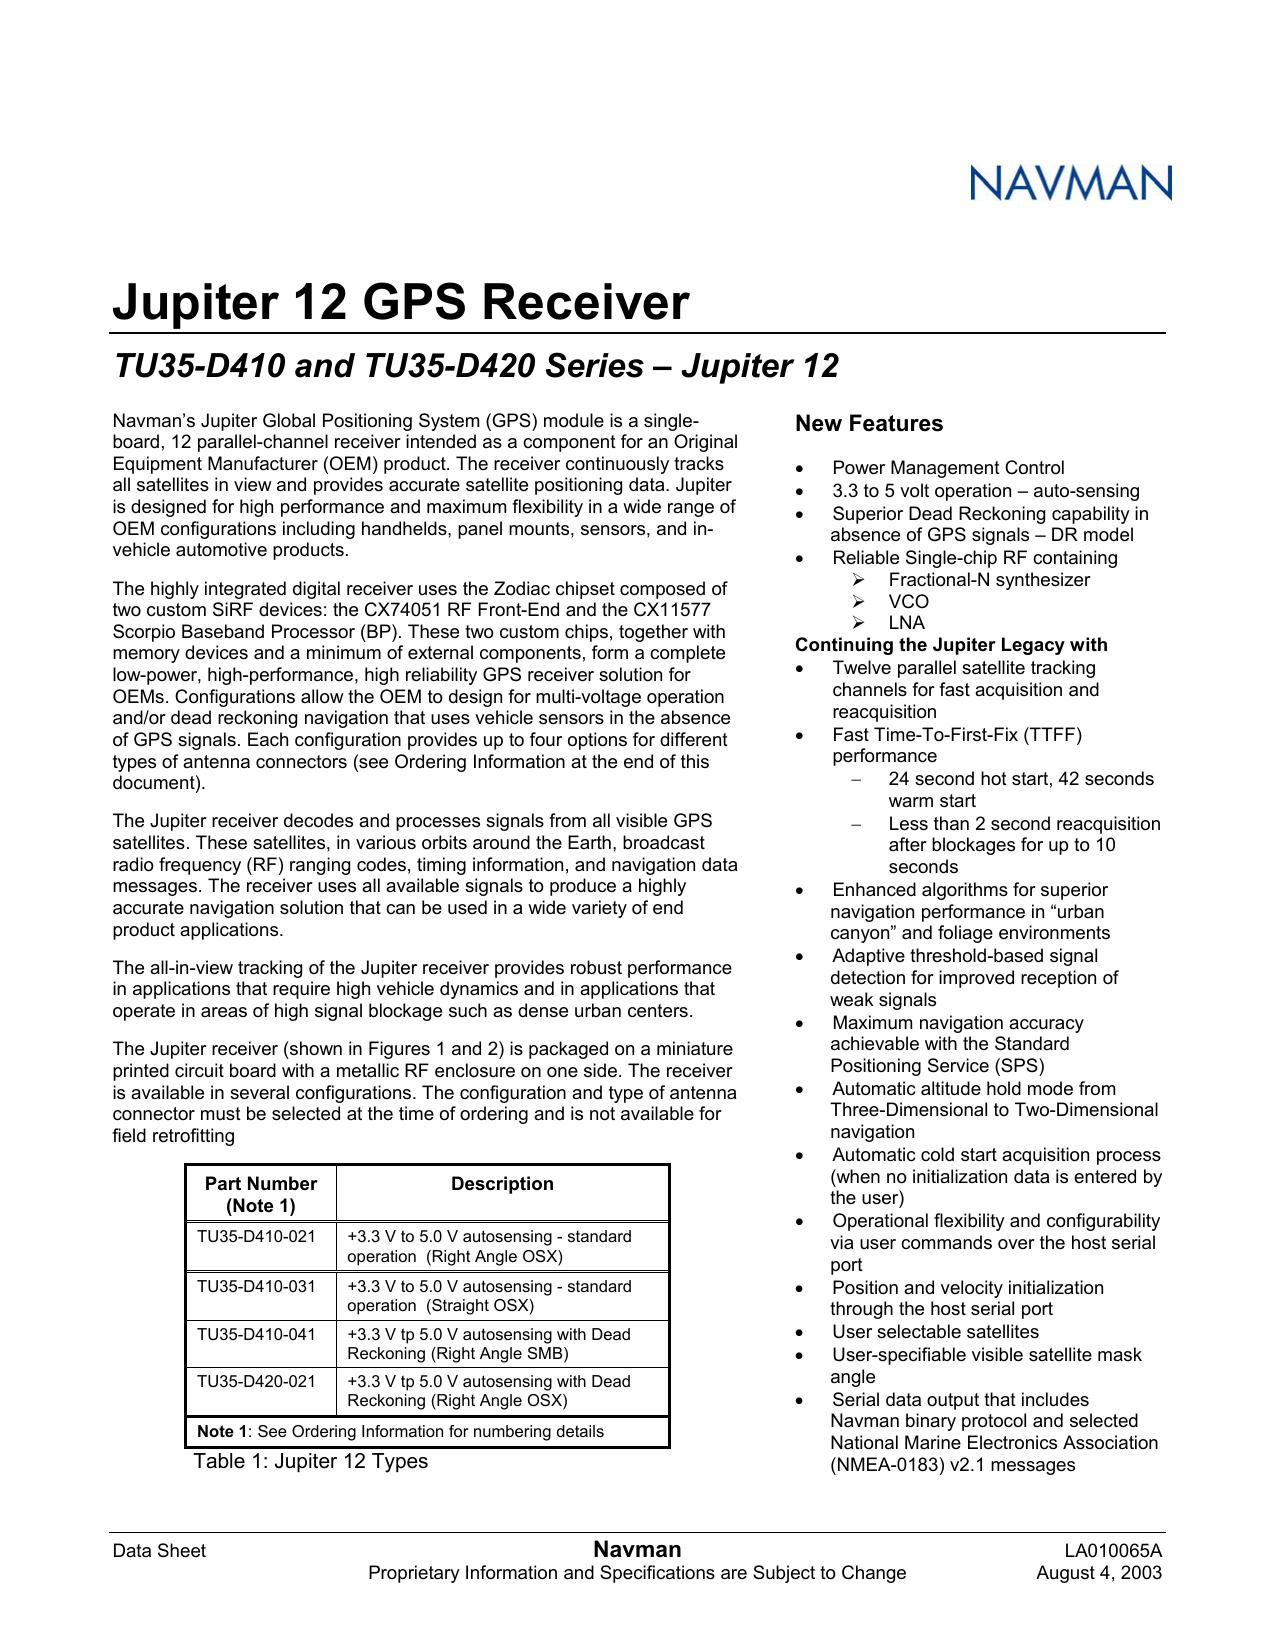 Jupiter 12 GPS Receiver TU35-D410 and TU35-D420 | manualzz com